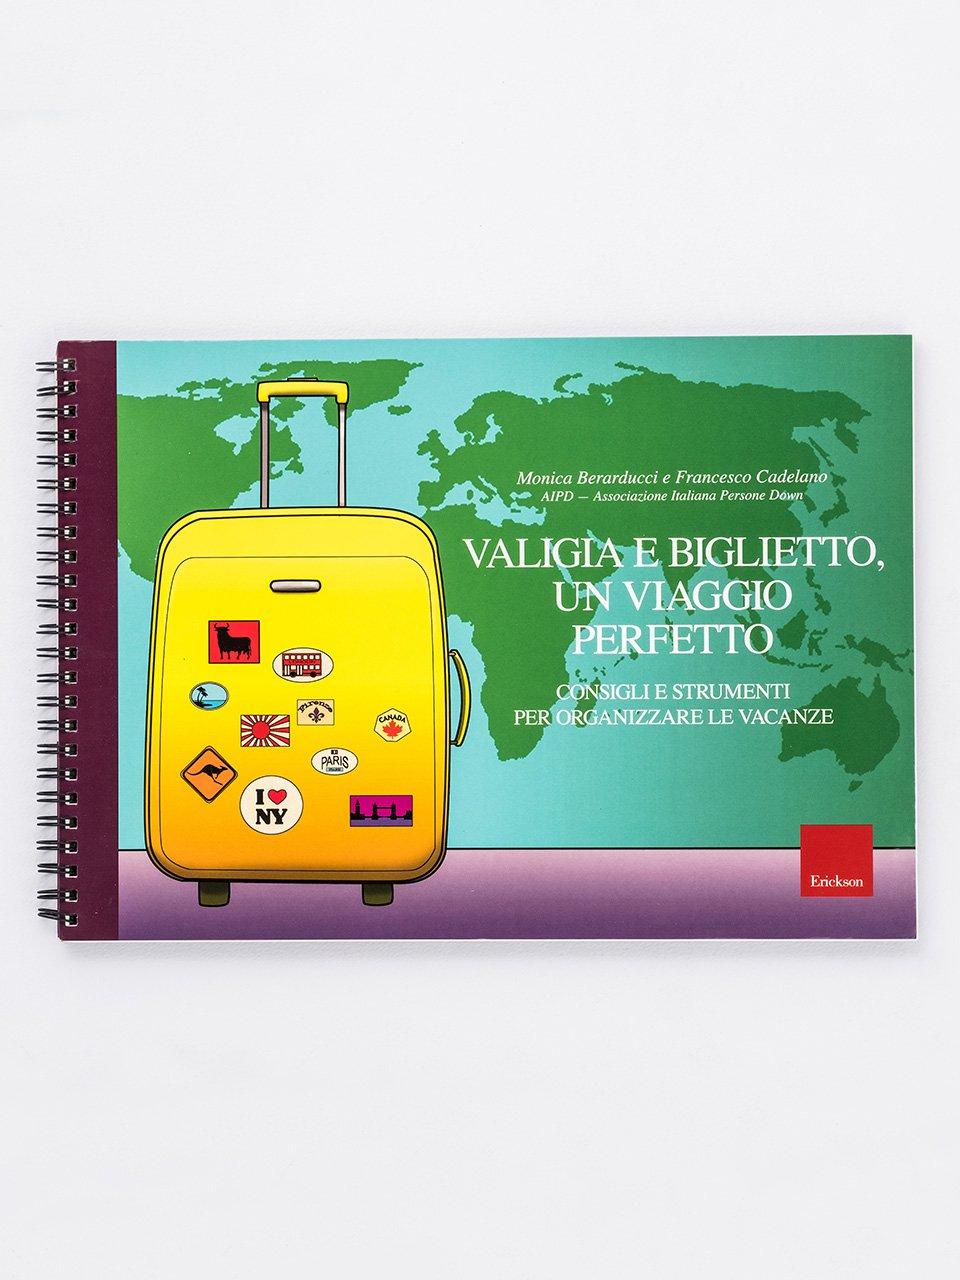 Valigia e biglietto, un viaggio perfetto - Giorno dopo giorno - Libri - Erickson